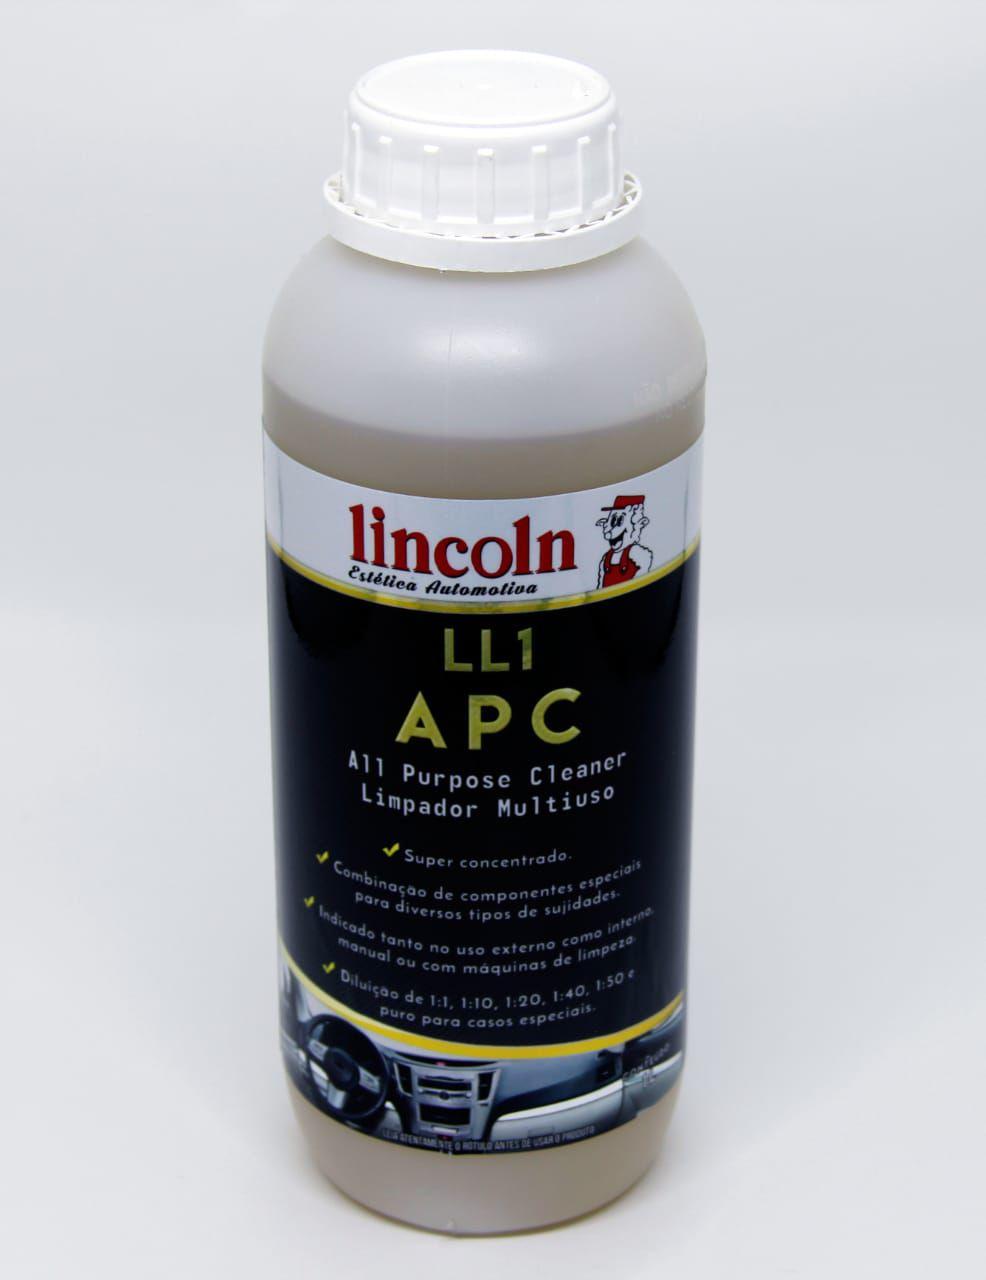 APC LL1 – Multilimpador Lincoln 1 Litro